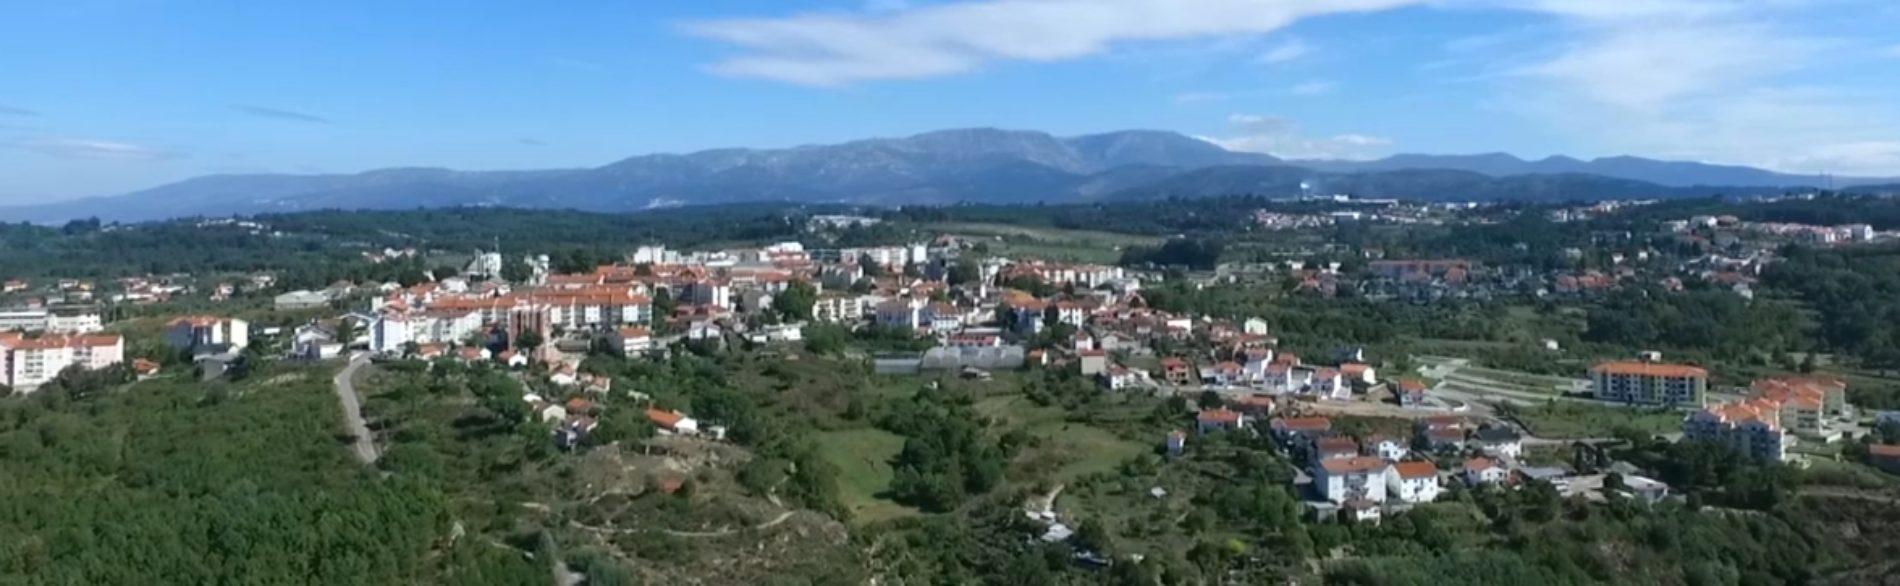 Oliveira do Hospital: Oito pessoas recuperadas da Covid-19